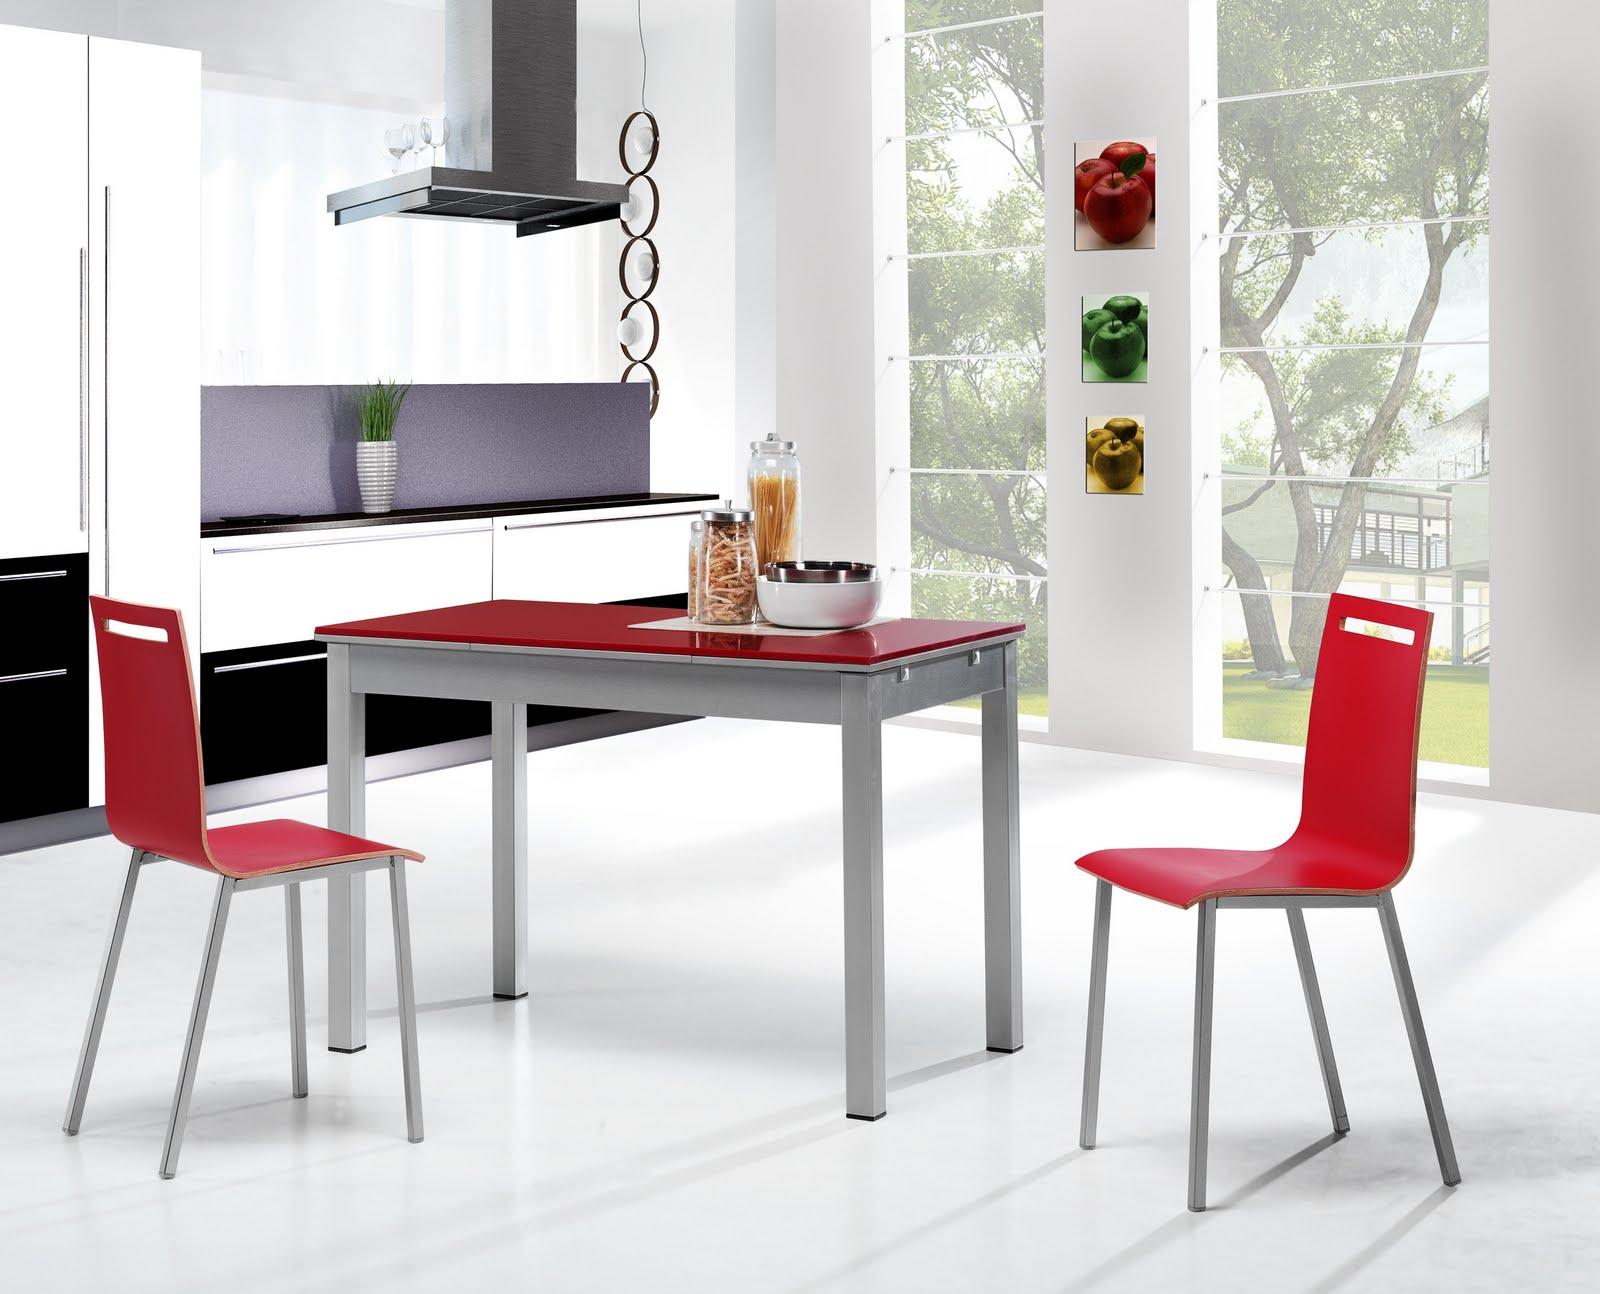 Dise o y decoraci n de cocinas novedades en sillas y for Sillas para cocina precios